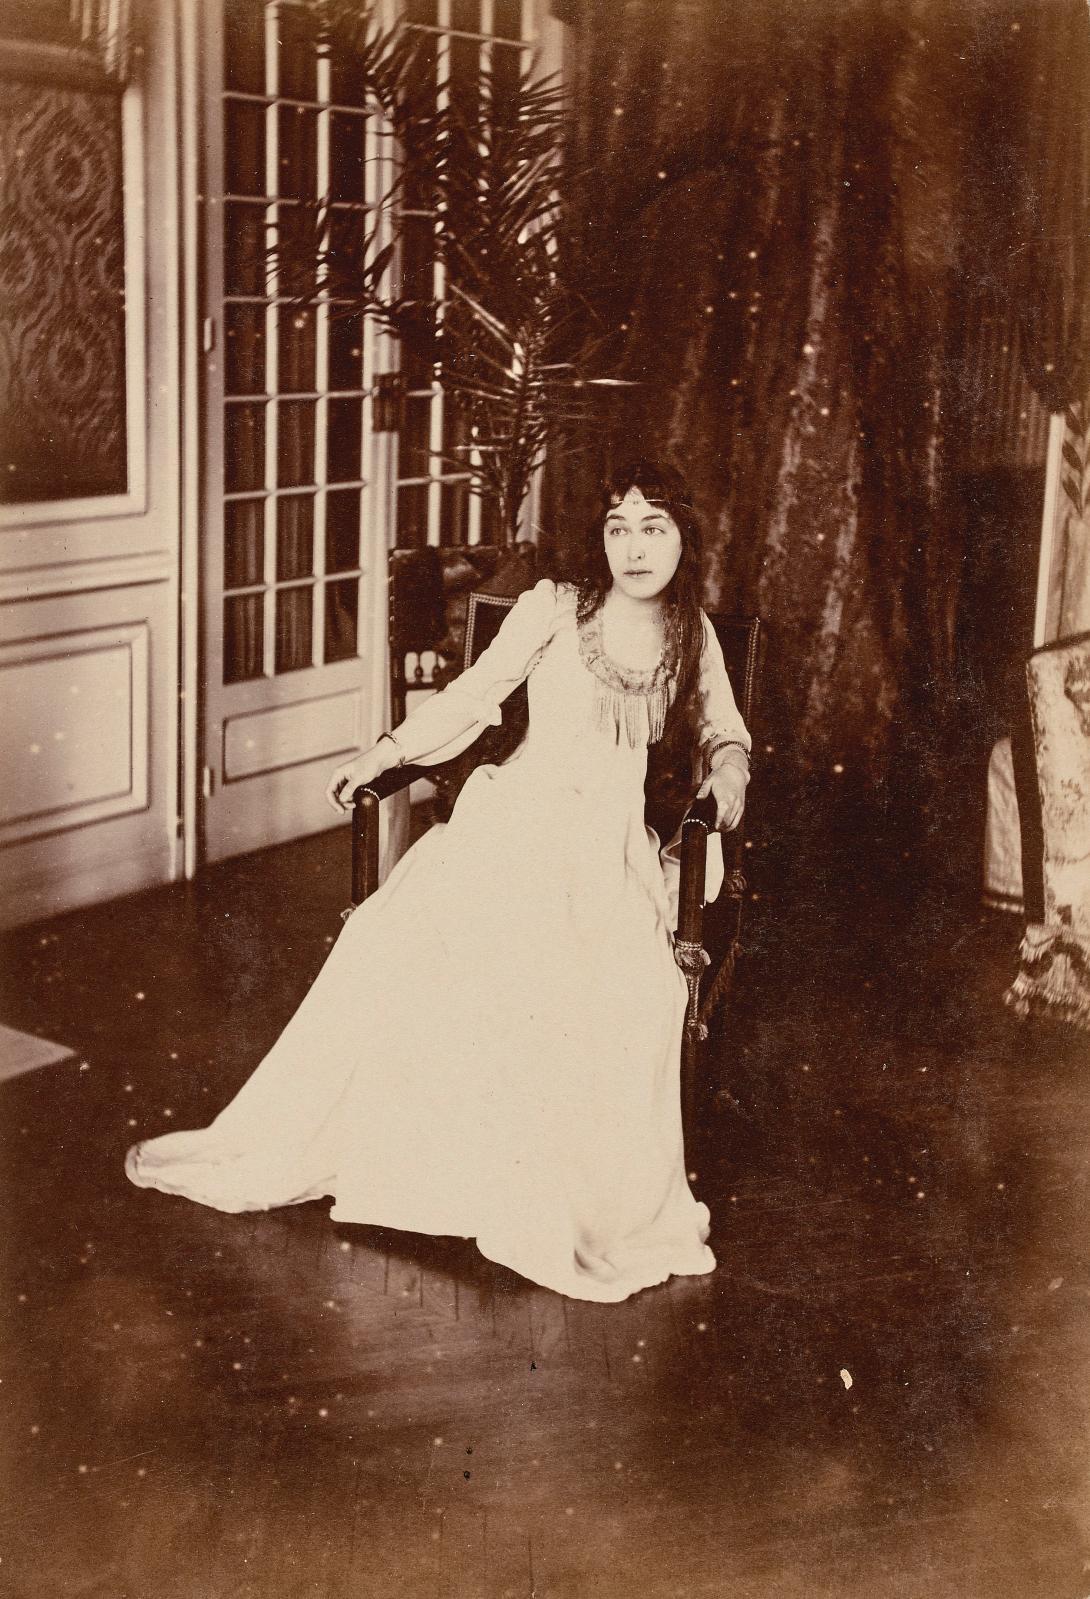 Photographe non identifié, Marie Finaly, que Proust courtisa à Trouville, lui trouvant «l'air peinte par Dante Rossetti».